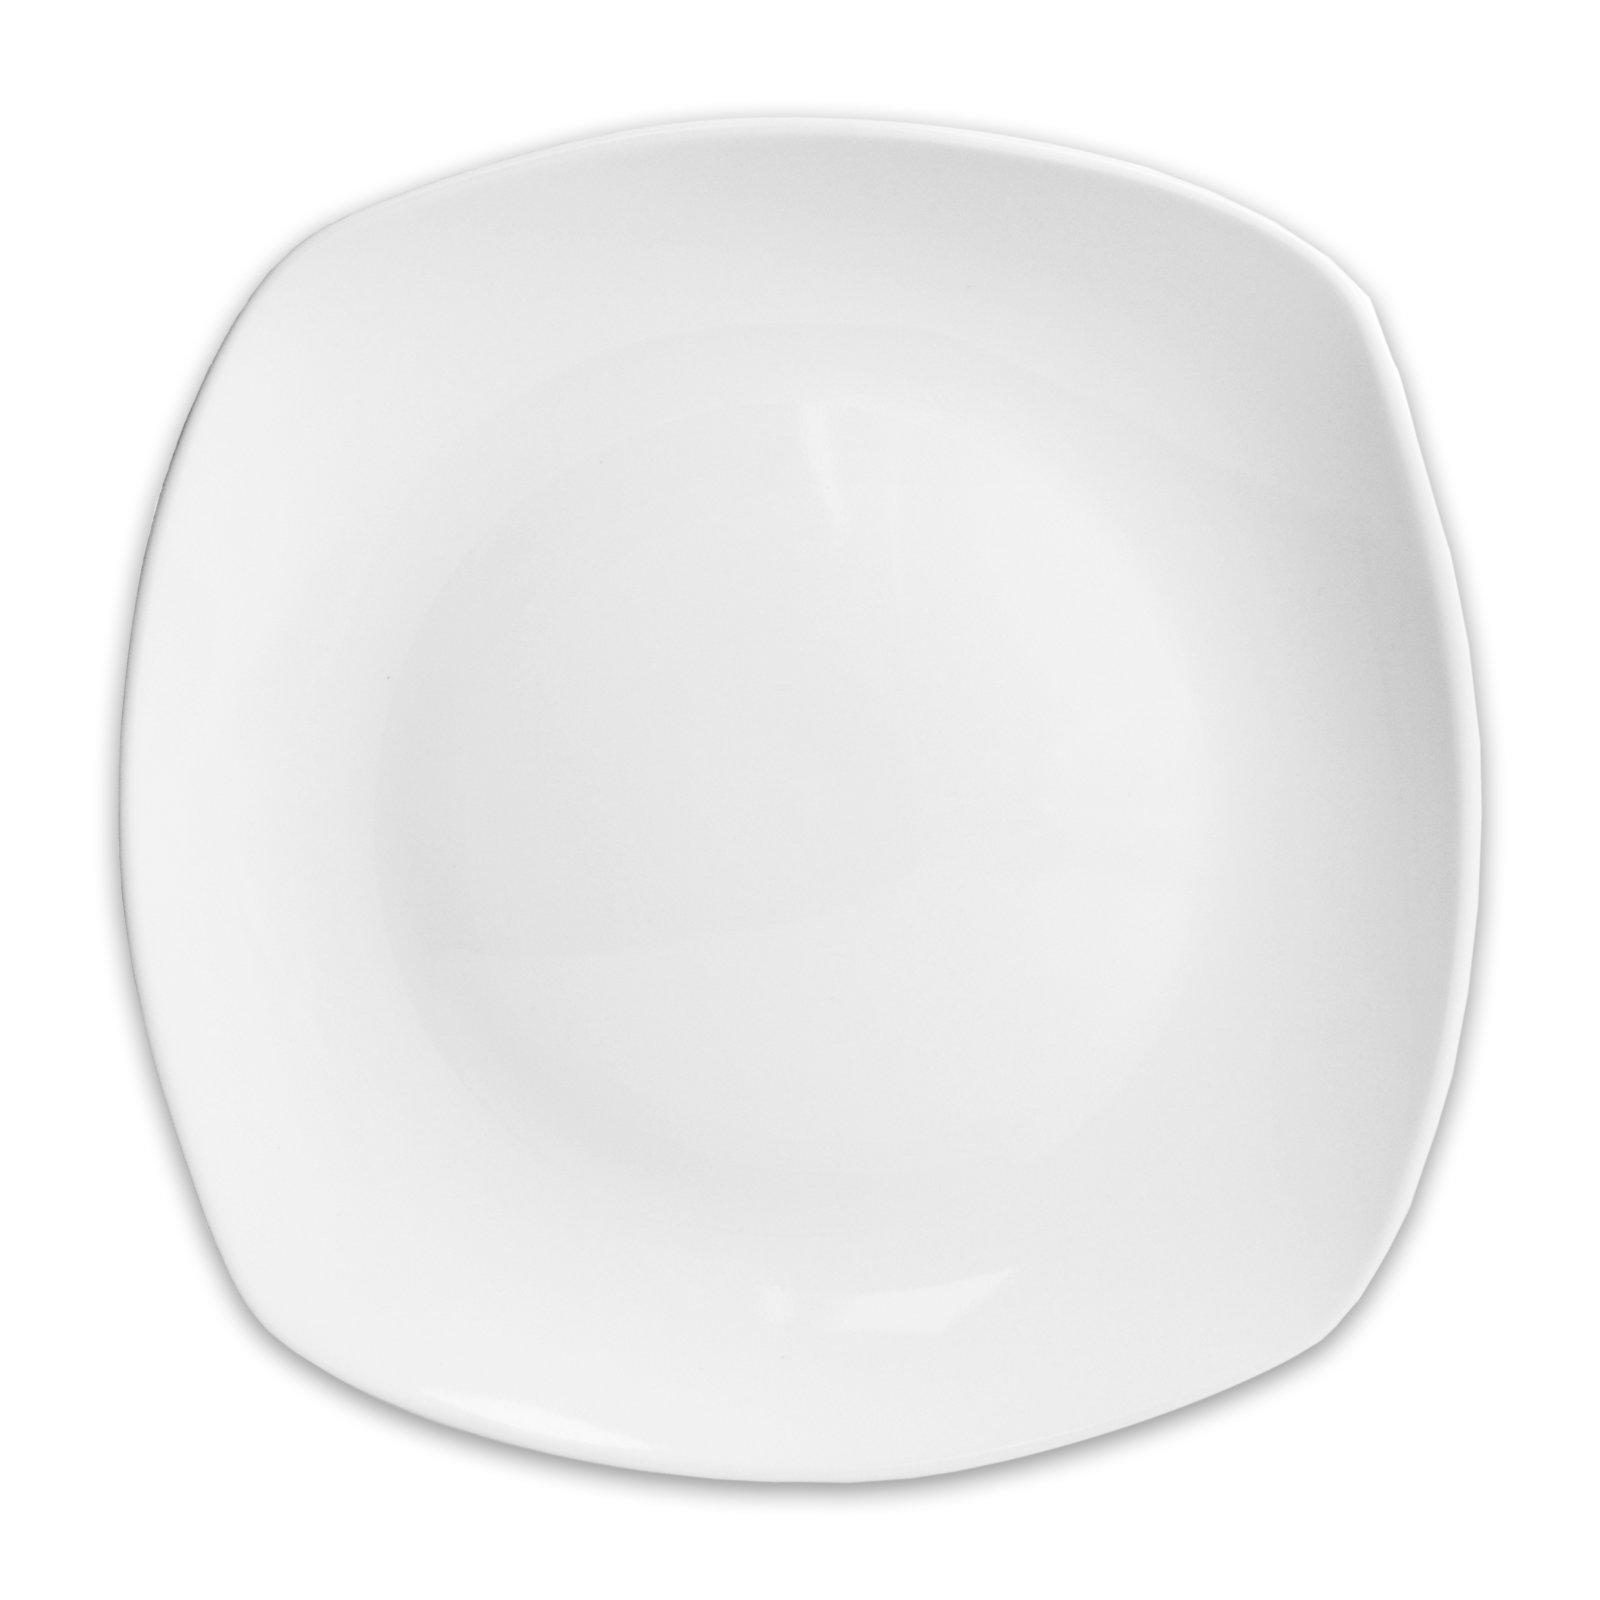 Dessertteller TANGOLO - weiß - Porzellan - Ø 20,5 cm